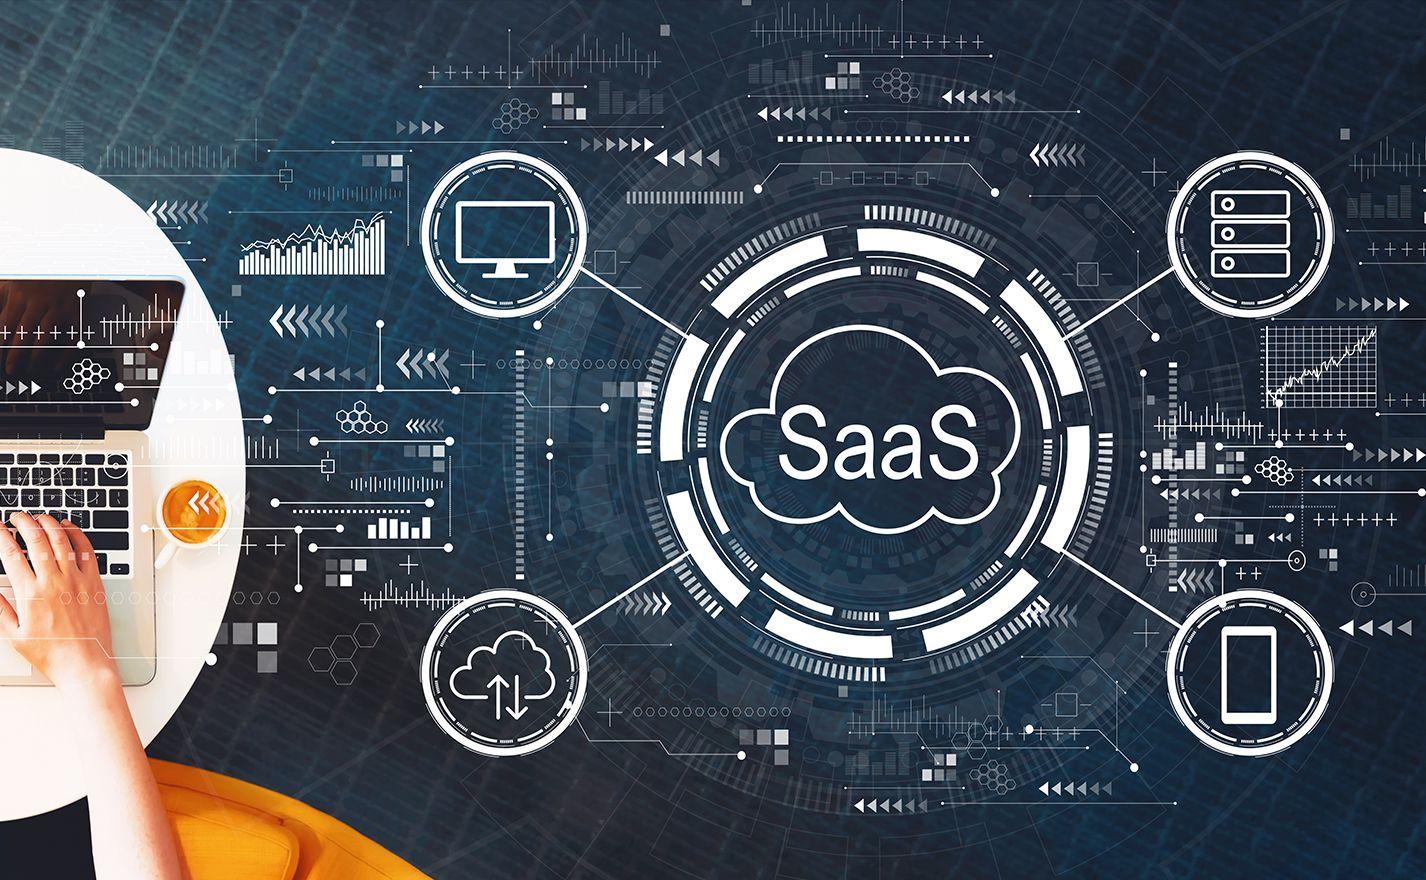 software-as-a-service cloud anpr